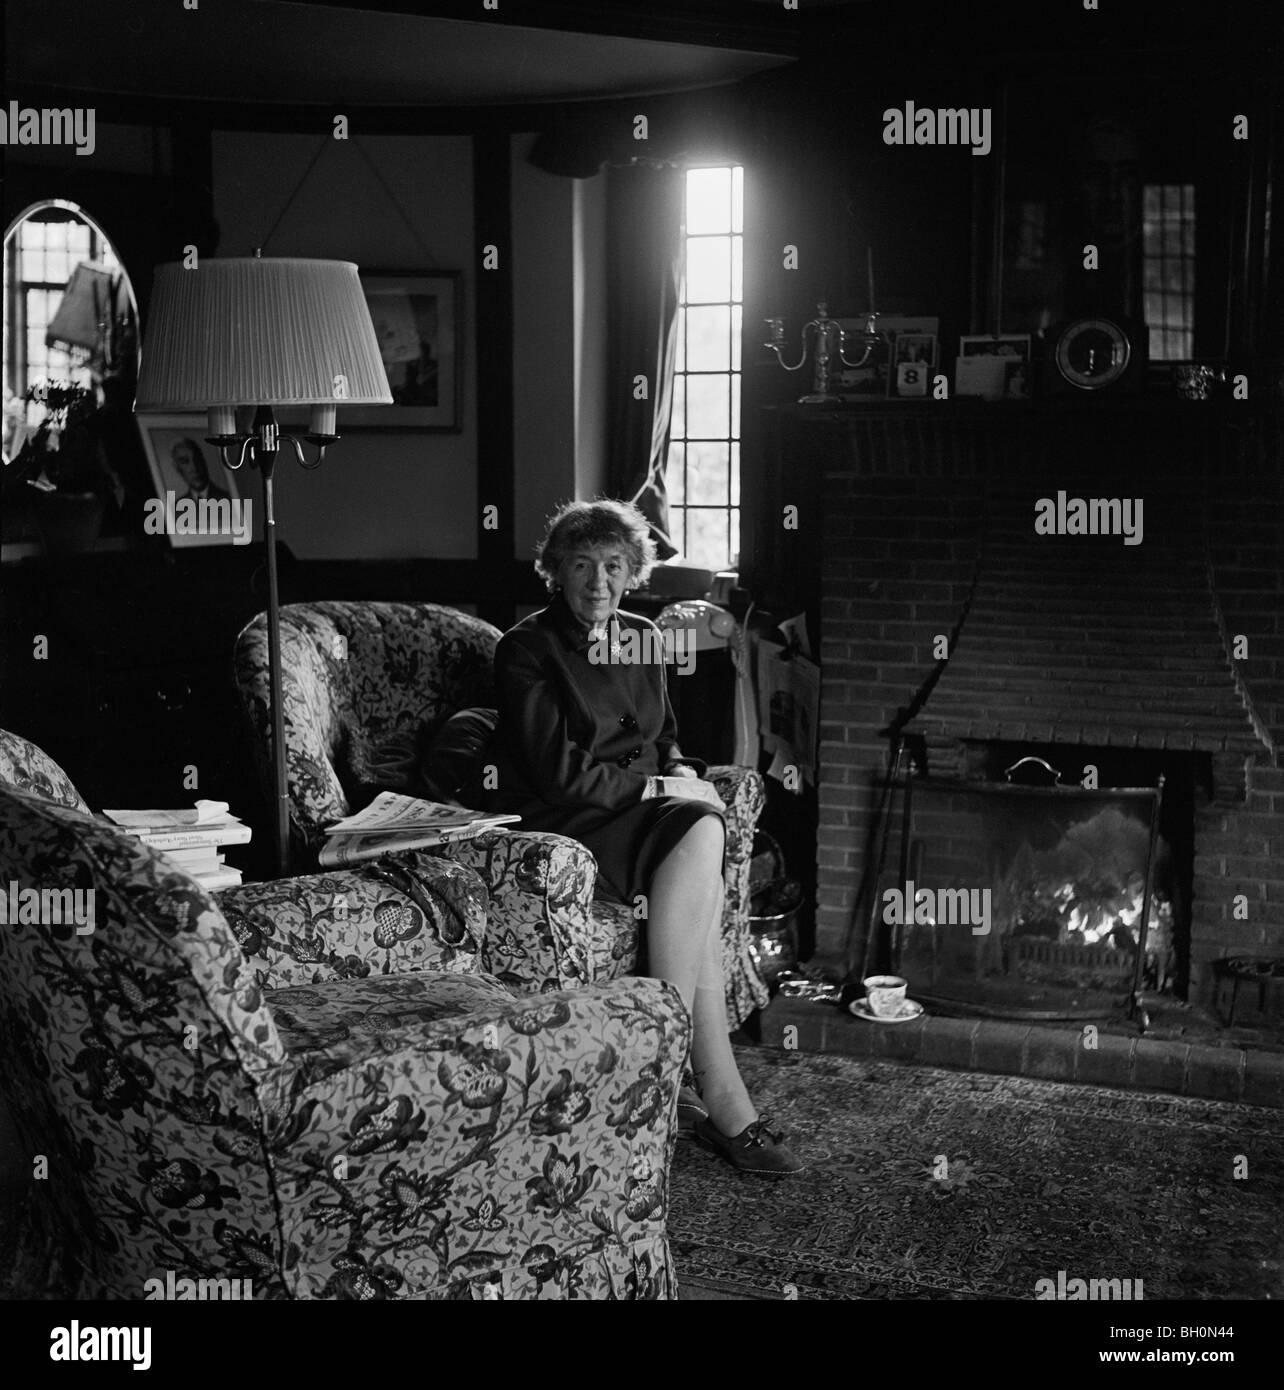 Bambini Enid scrittore Chelmsford a casa a Beaconsfield presto nel 1968 morì nel novembre 1968 Immagini Stock